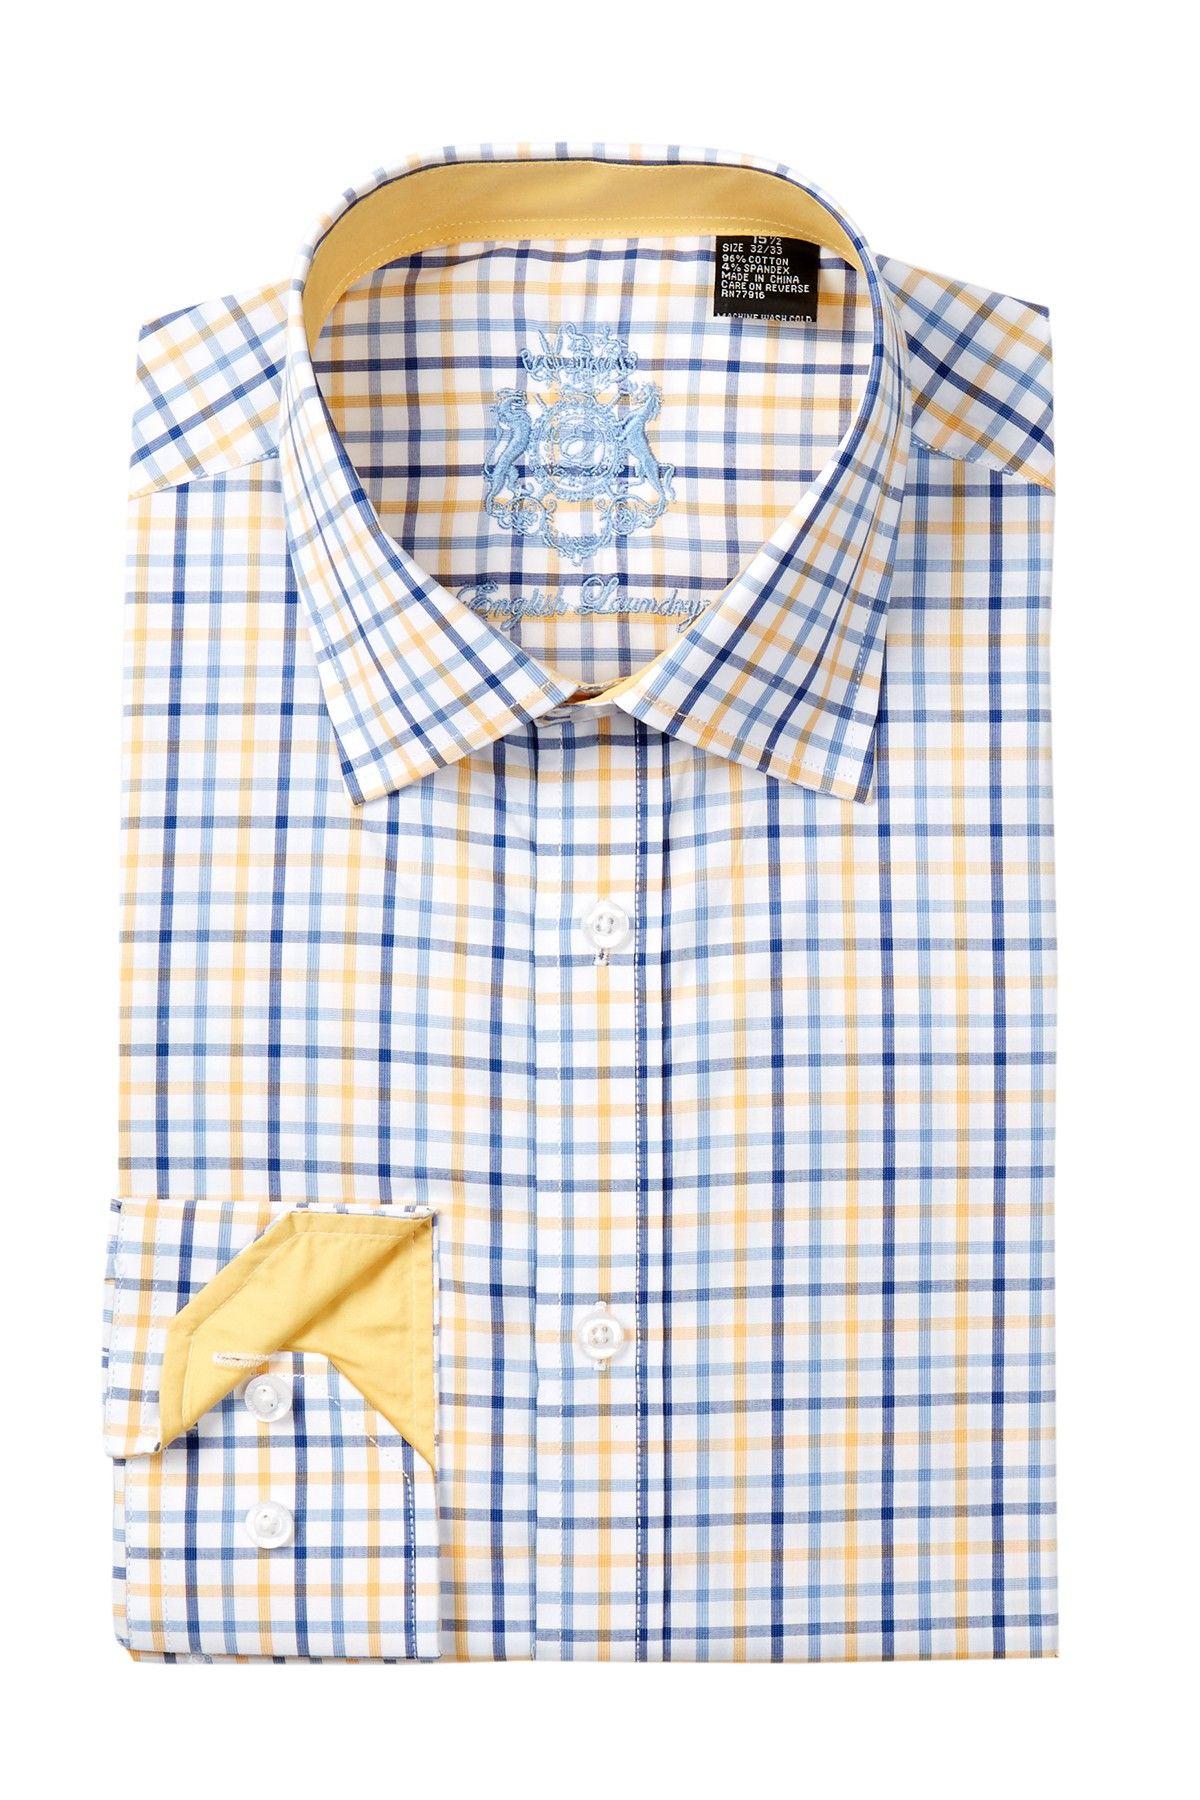 English Laundry Plaid Trim Fit Dress Shirt Fitted Dress Shirts Shirt Dress Shirts